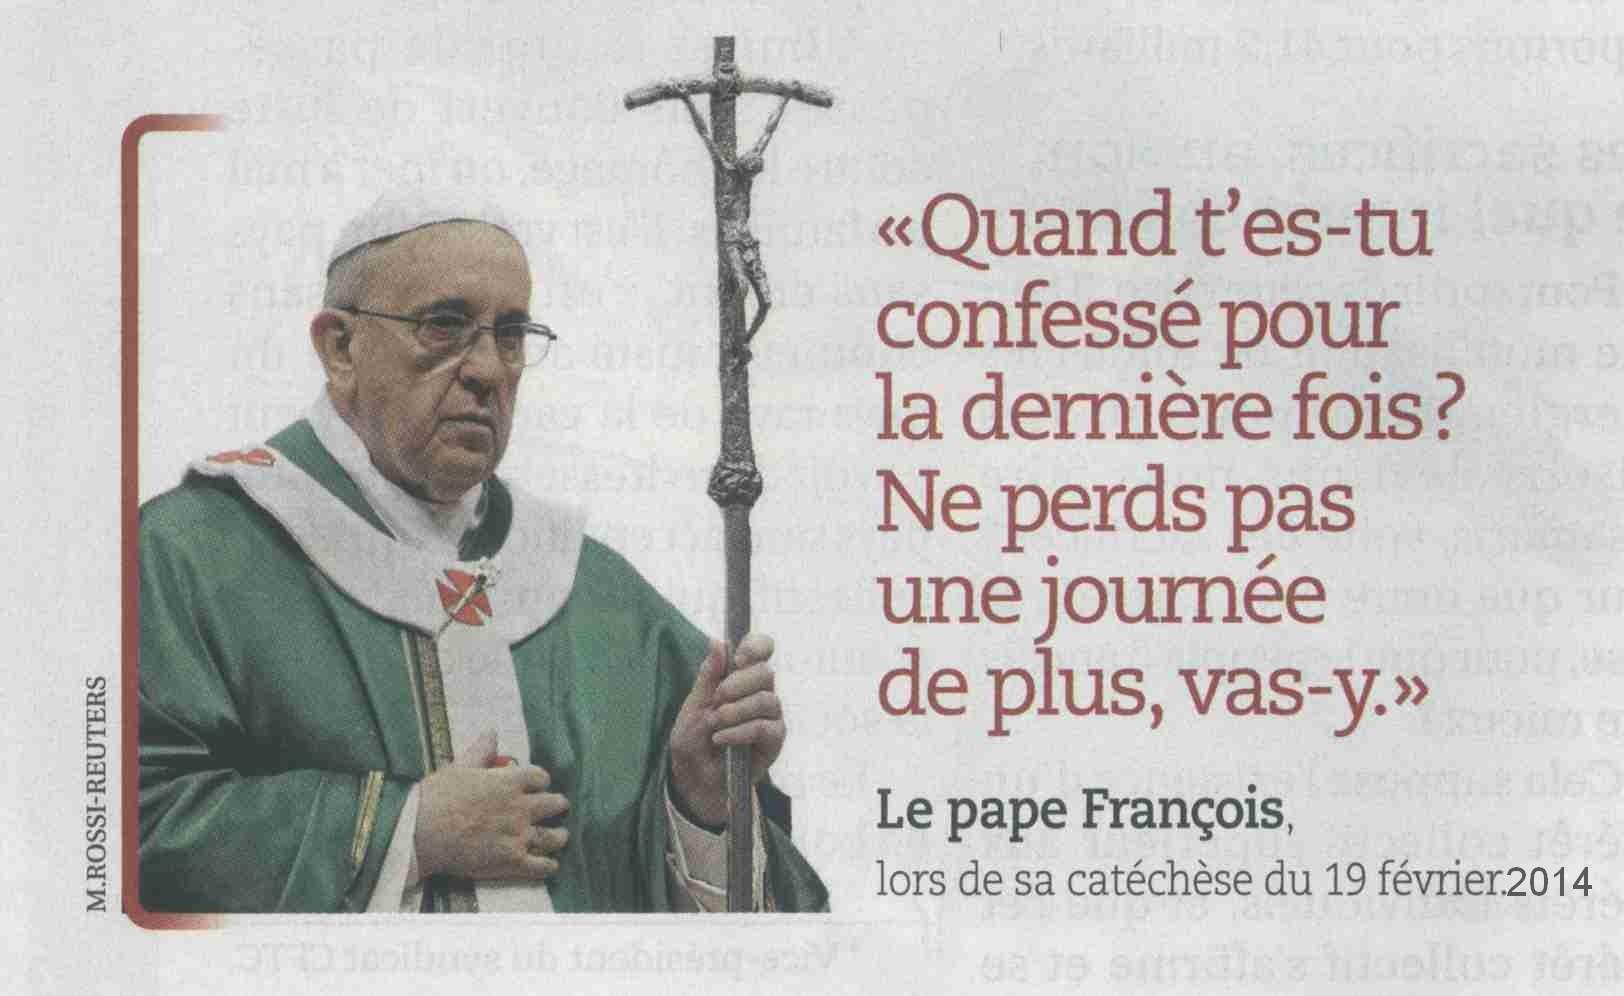 """""""Quand t'es-tu confessé pour la dernière fois ? Ne perds pas une journée de plus, vas-y."""" Pape François"""